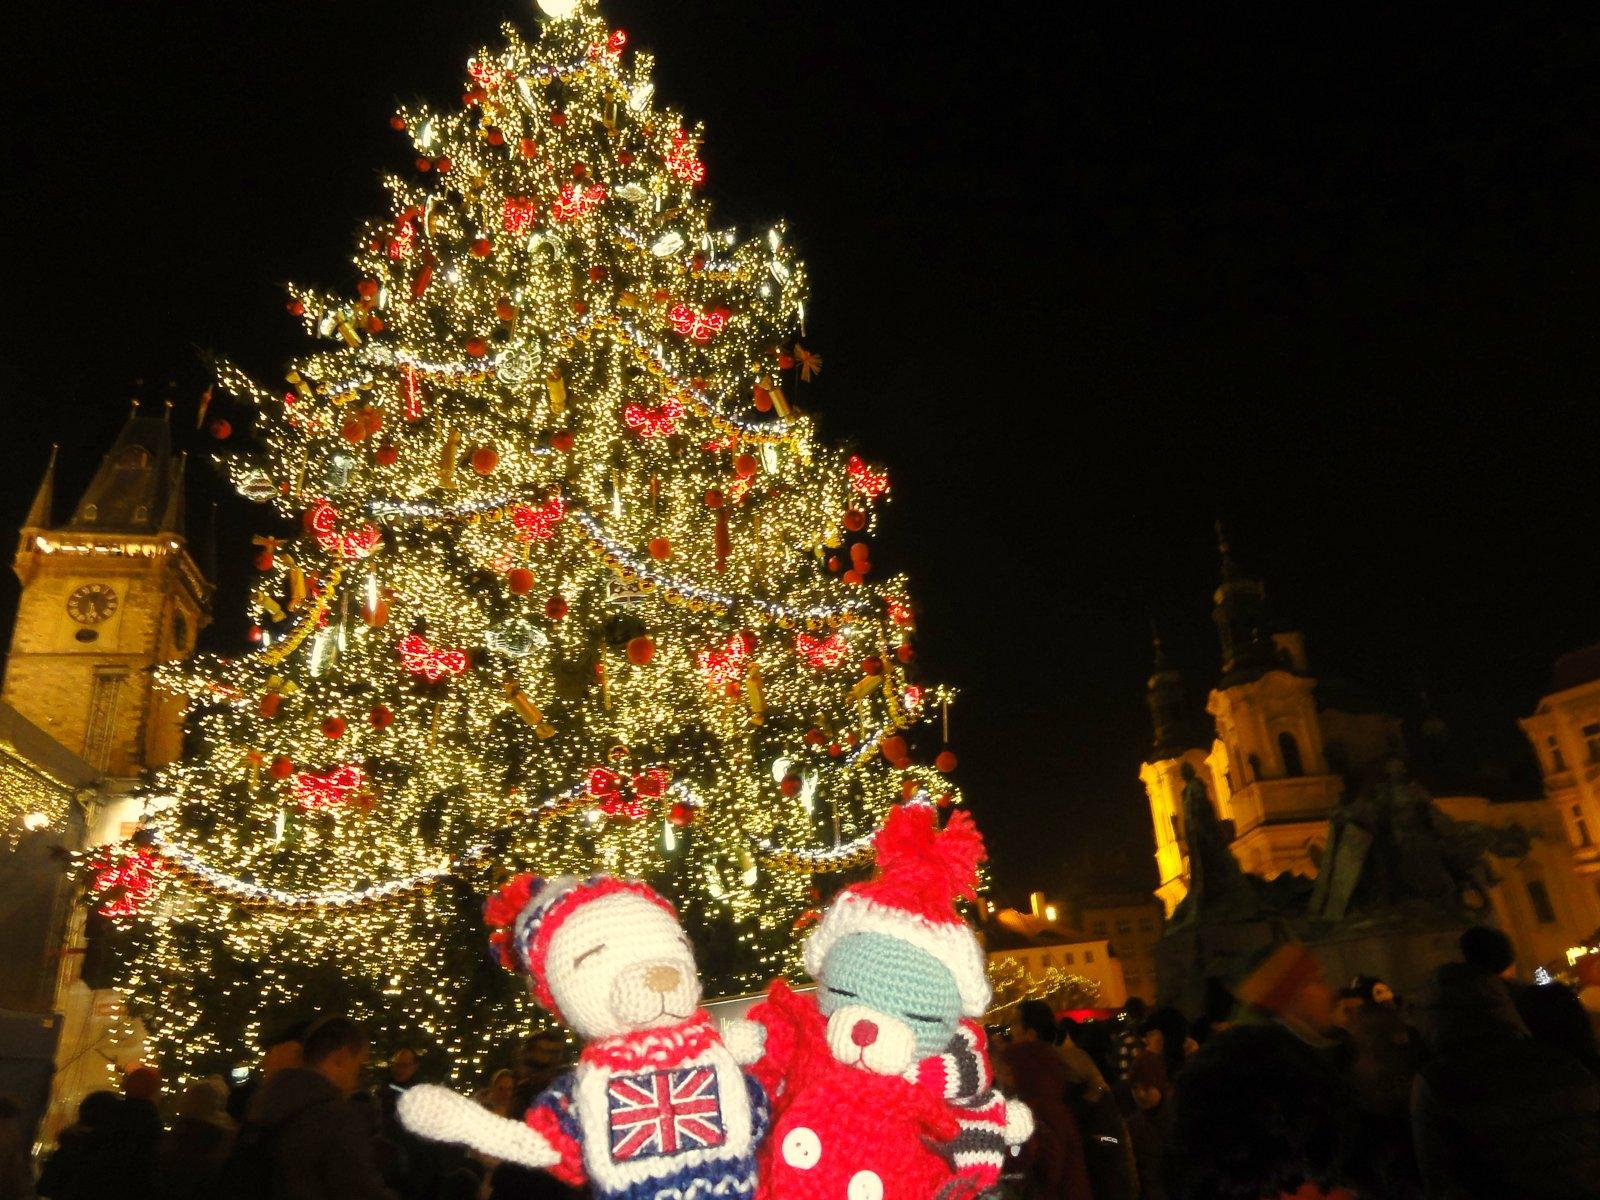 プラハ 14 旧市街広場のクリスマスマーケット_a0092659_22385634.jpg